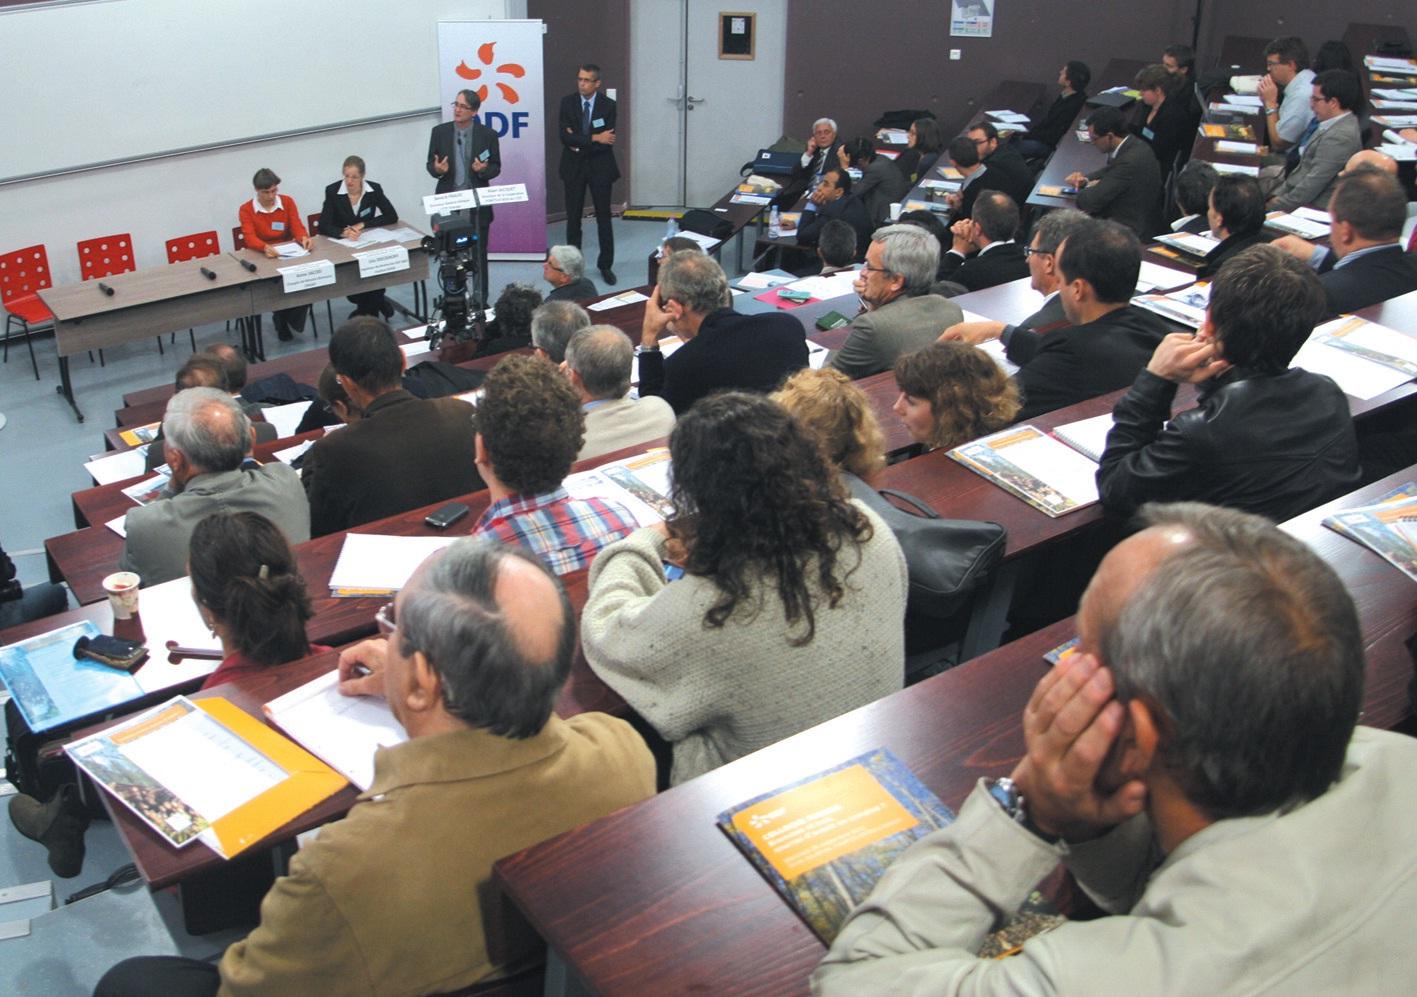 250 personnes ont participé le 26 septembre, à l'Ecole des Mines sur le campus Artem à Nancy, au colloque sur la filière biomasse en Lorraine organisé par EDF.